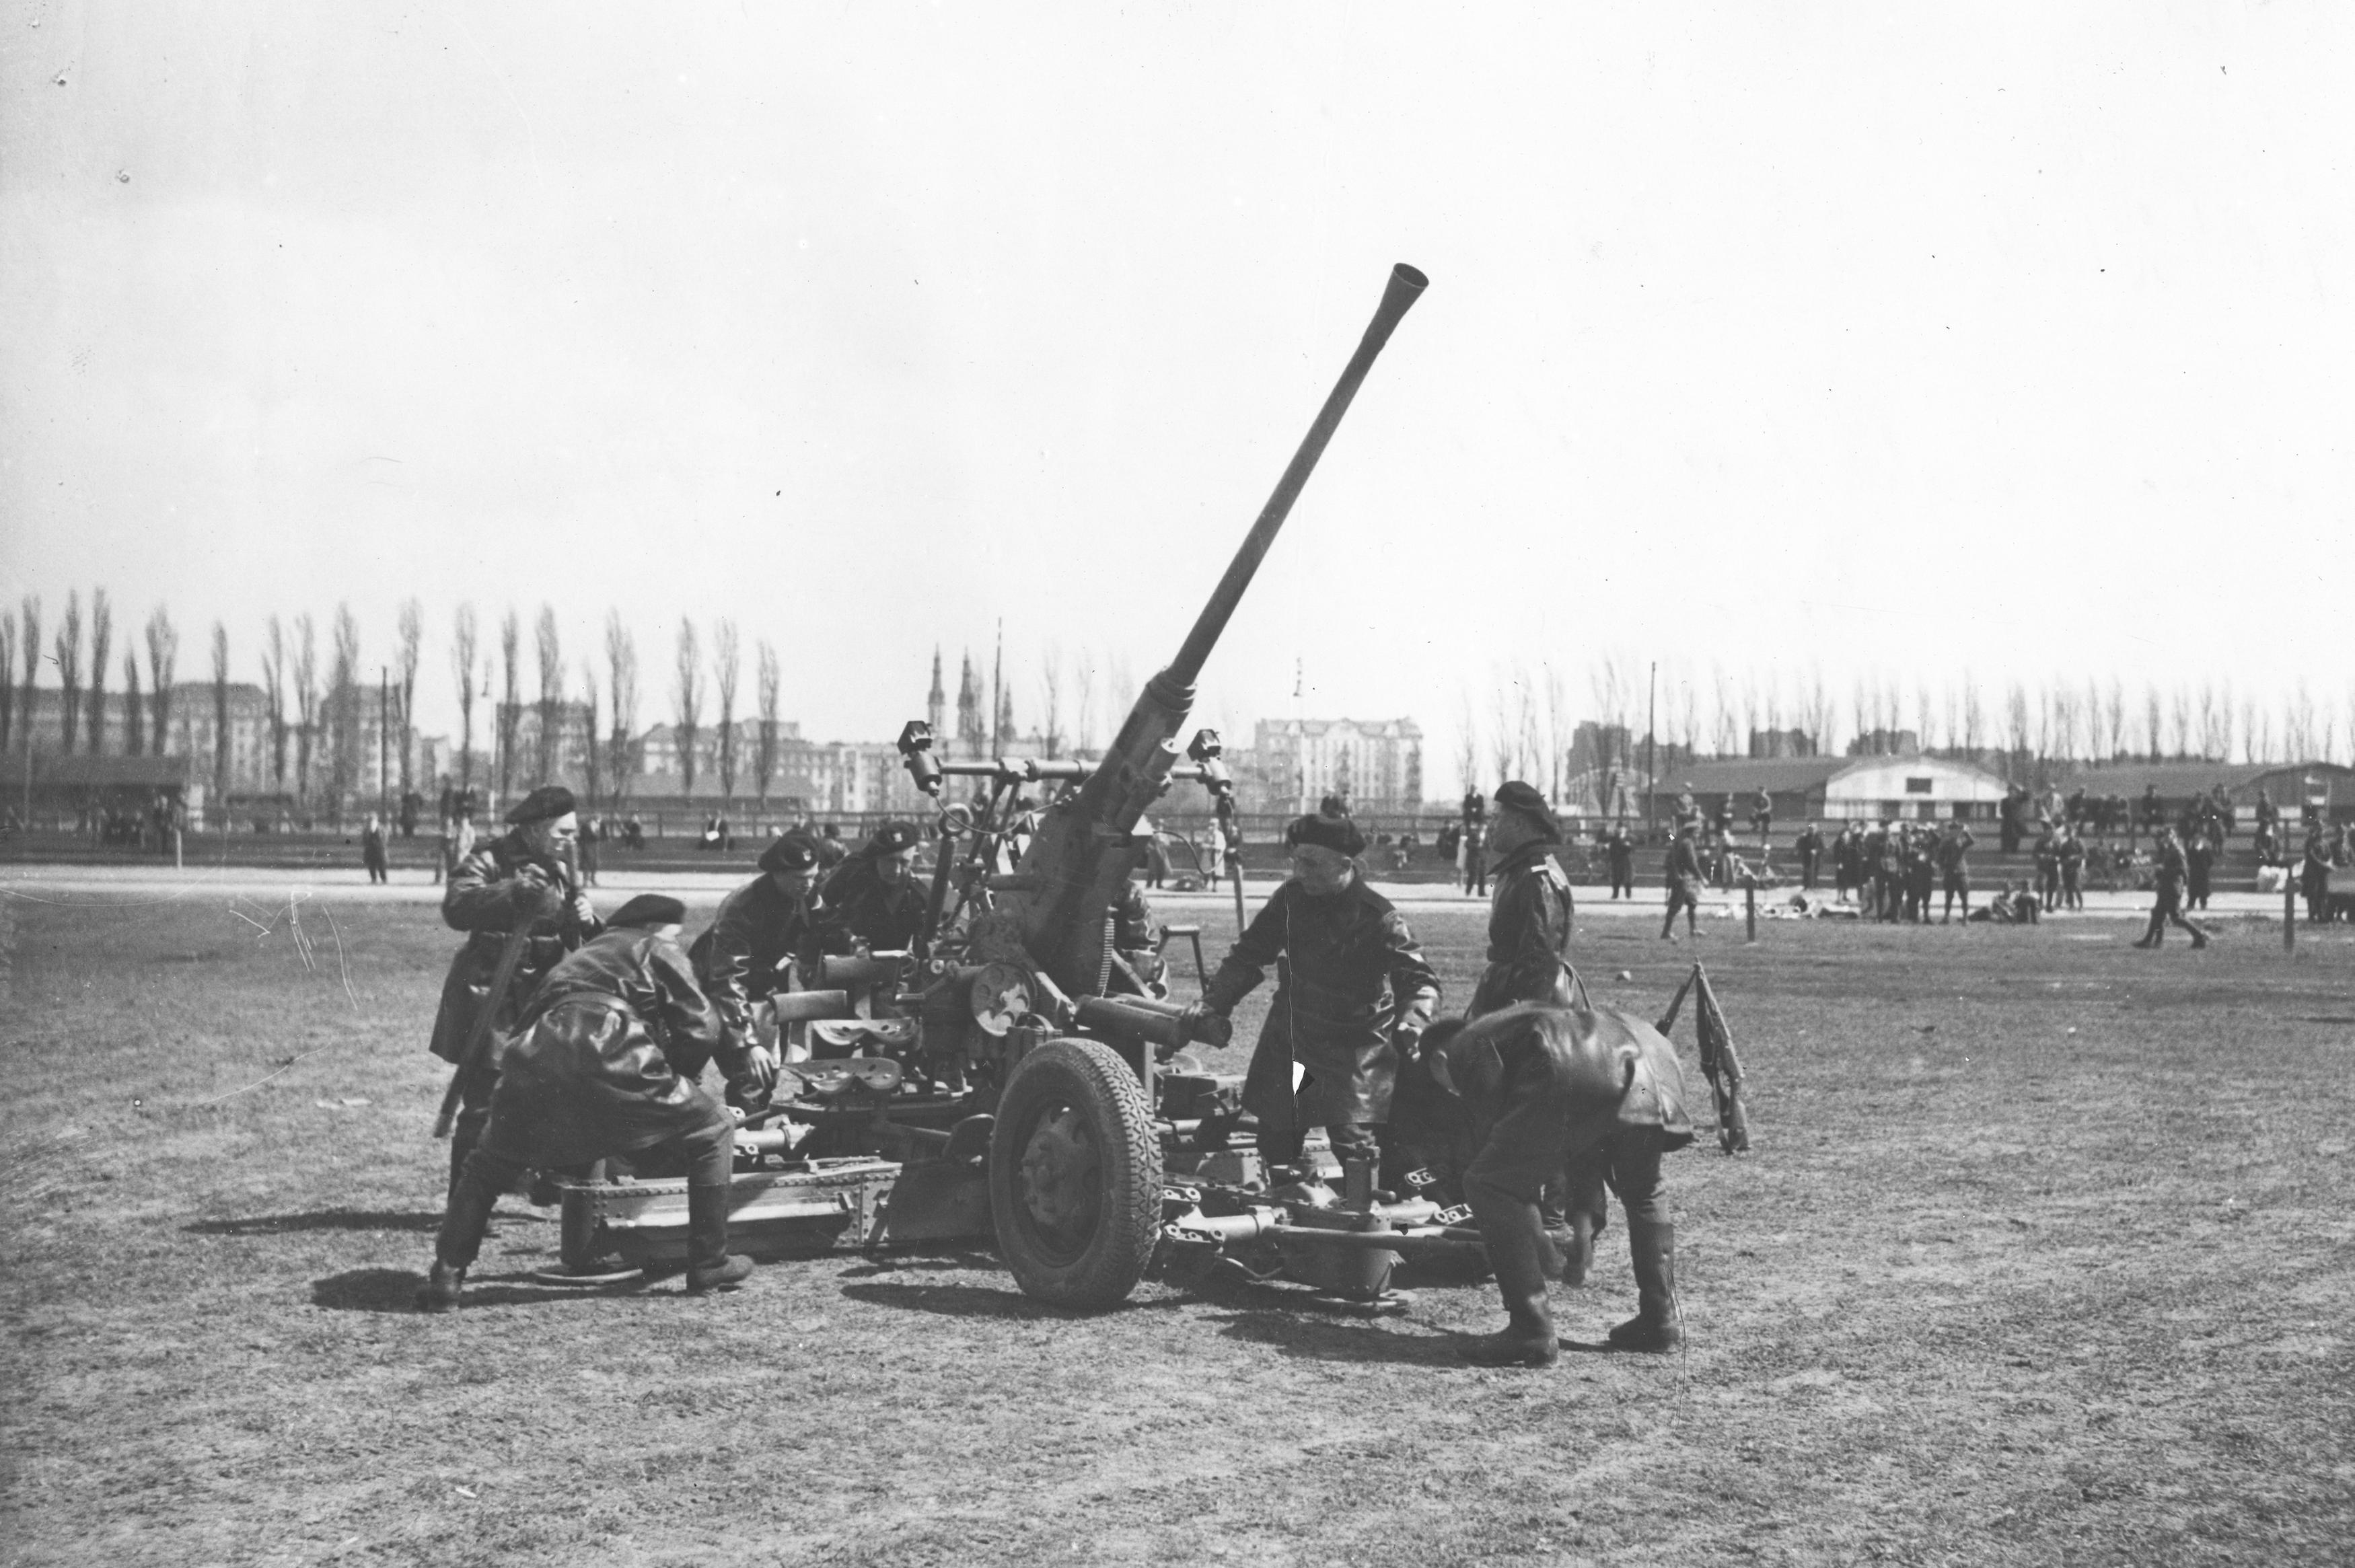 Armata_przeciwlotnicza_Bofors_wz._36_kal